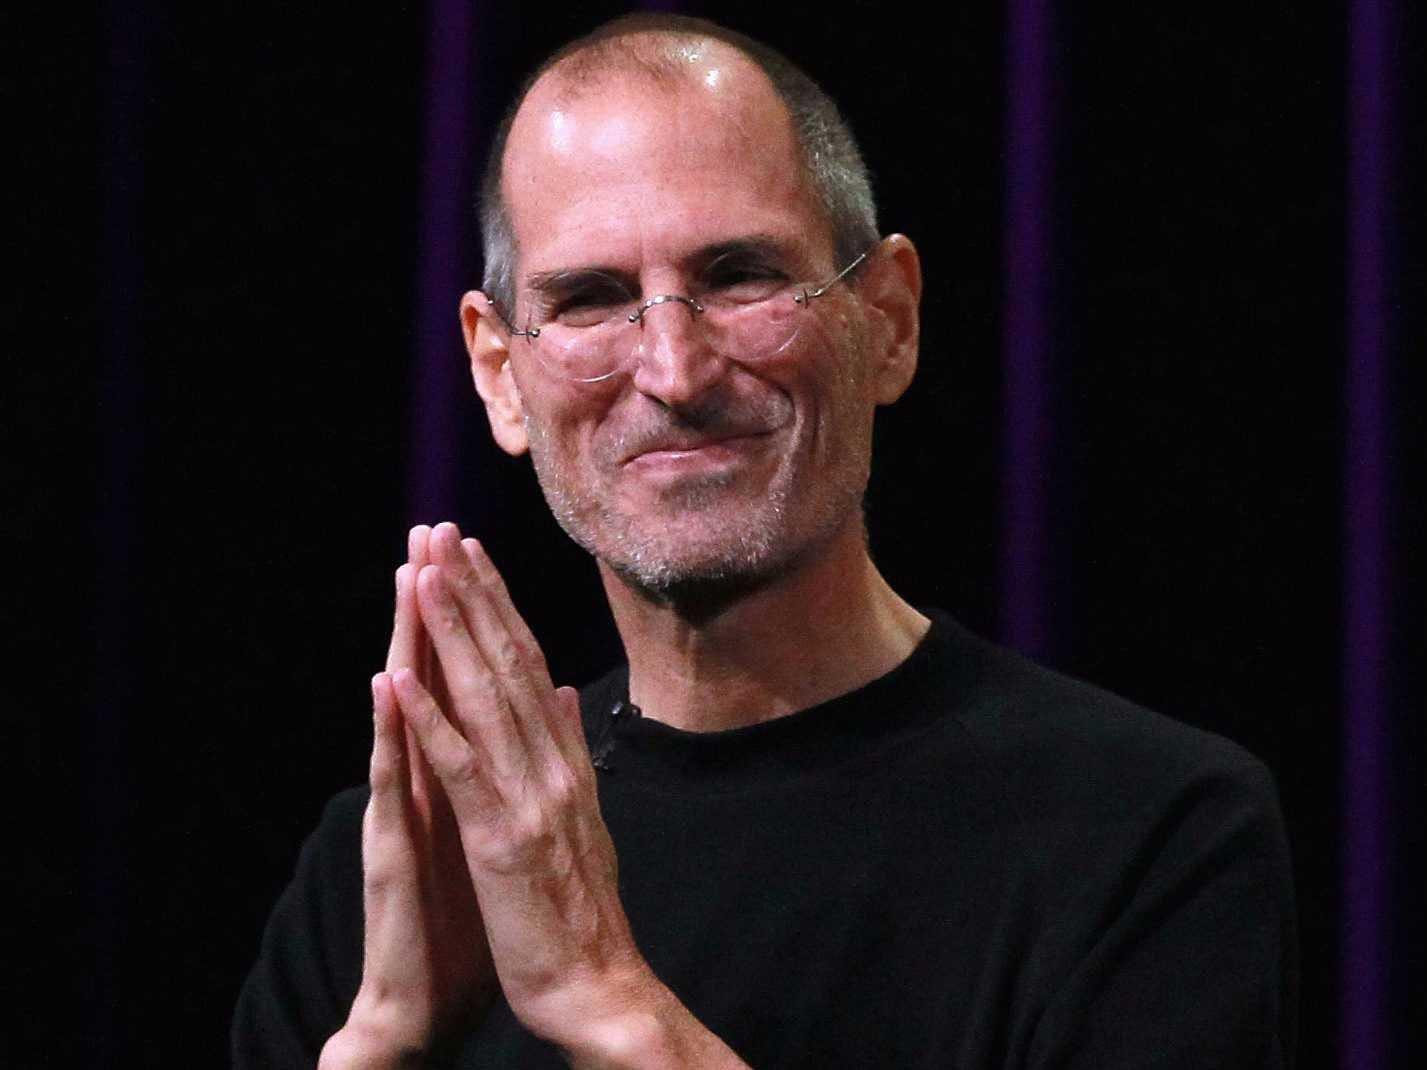 El día que Steve Jobs tiró un prototipo de iPhone al suelo en una sala llena de periodistas